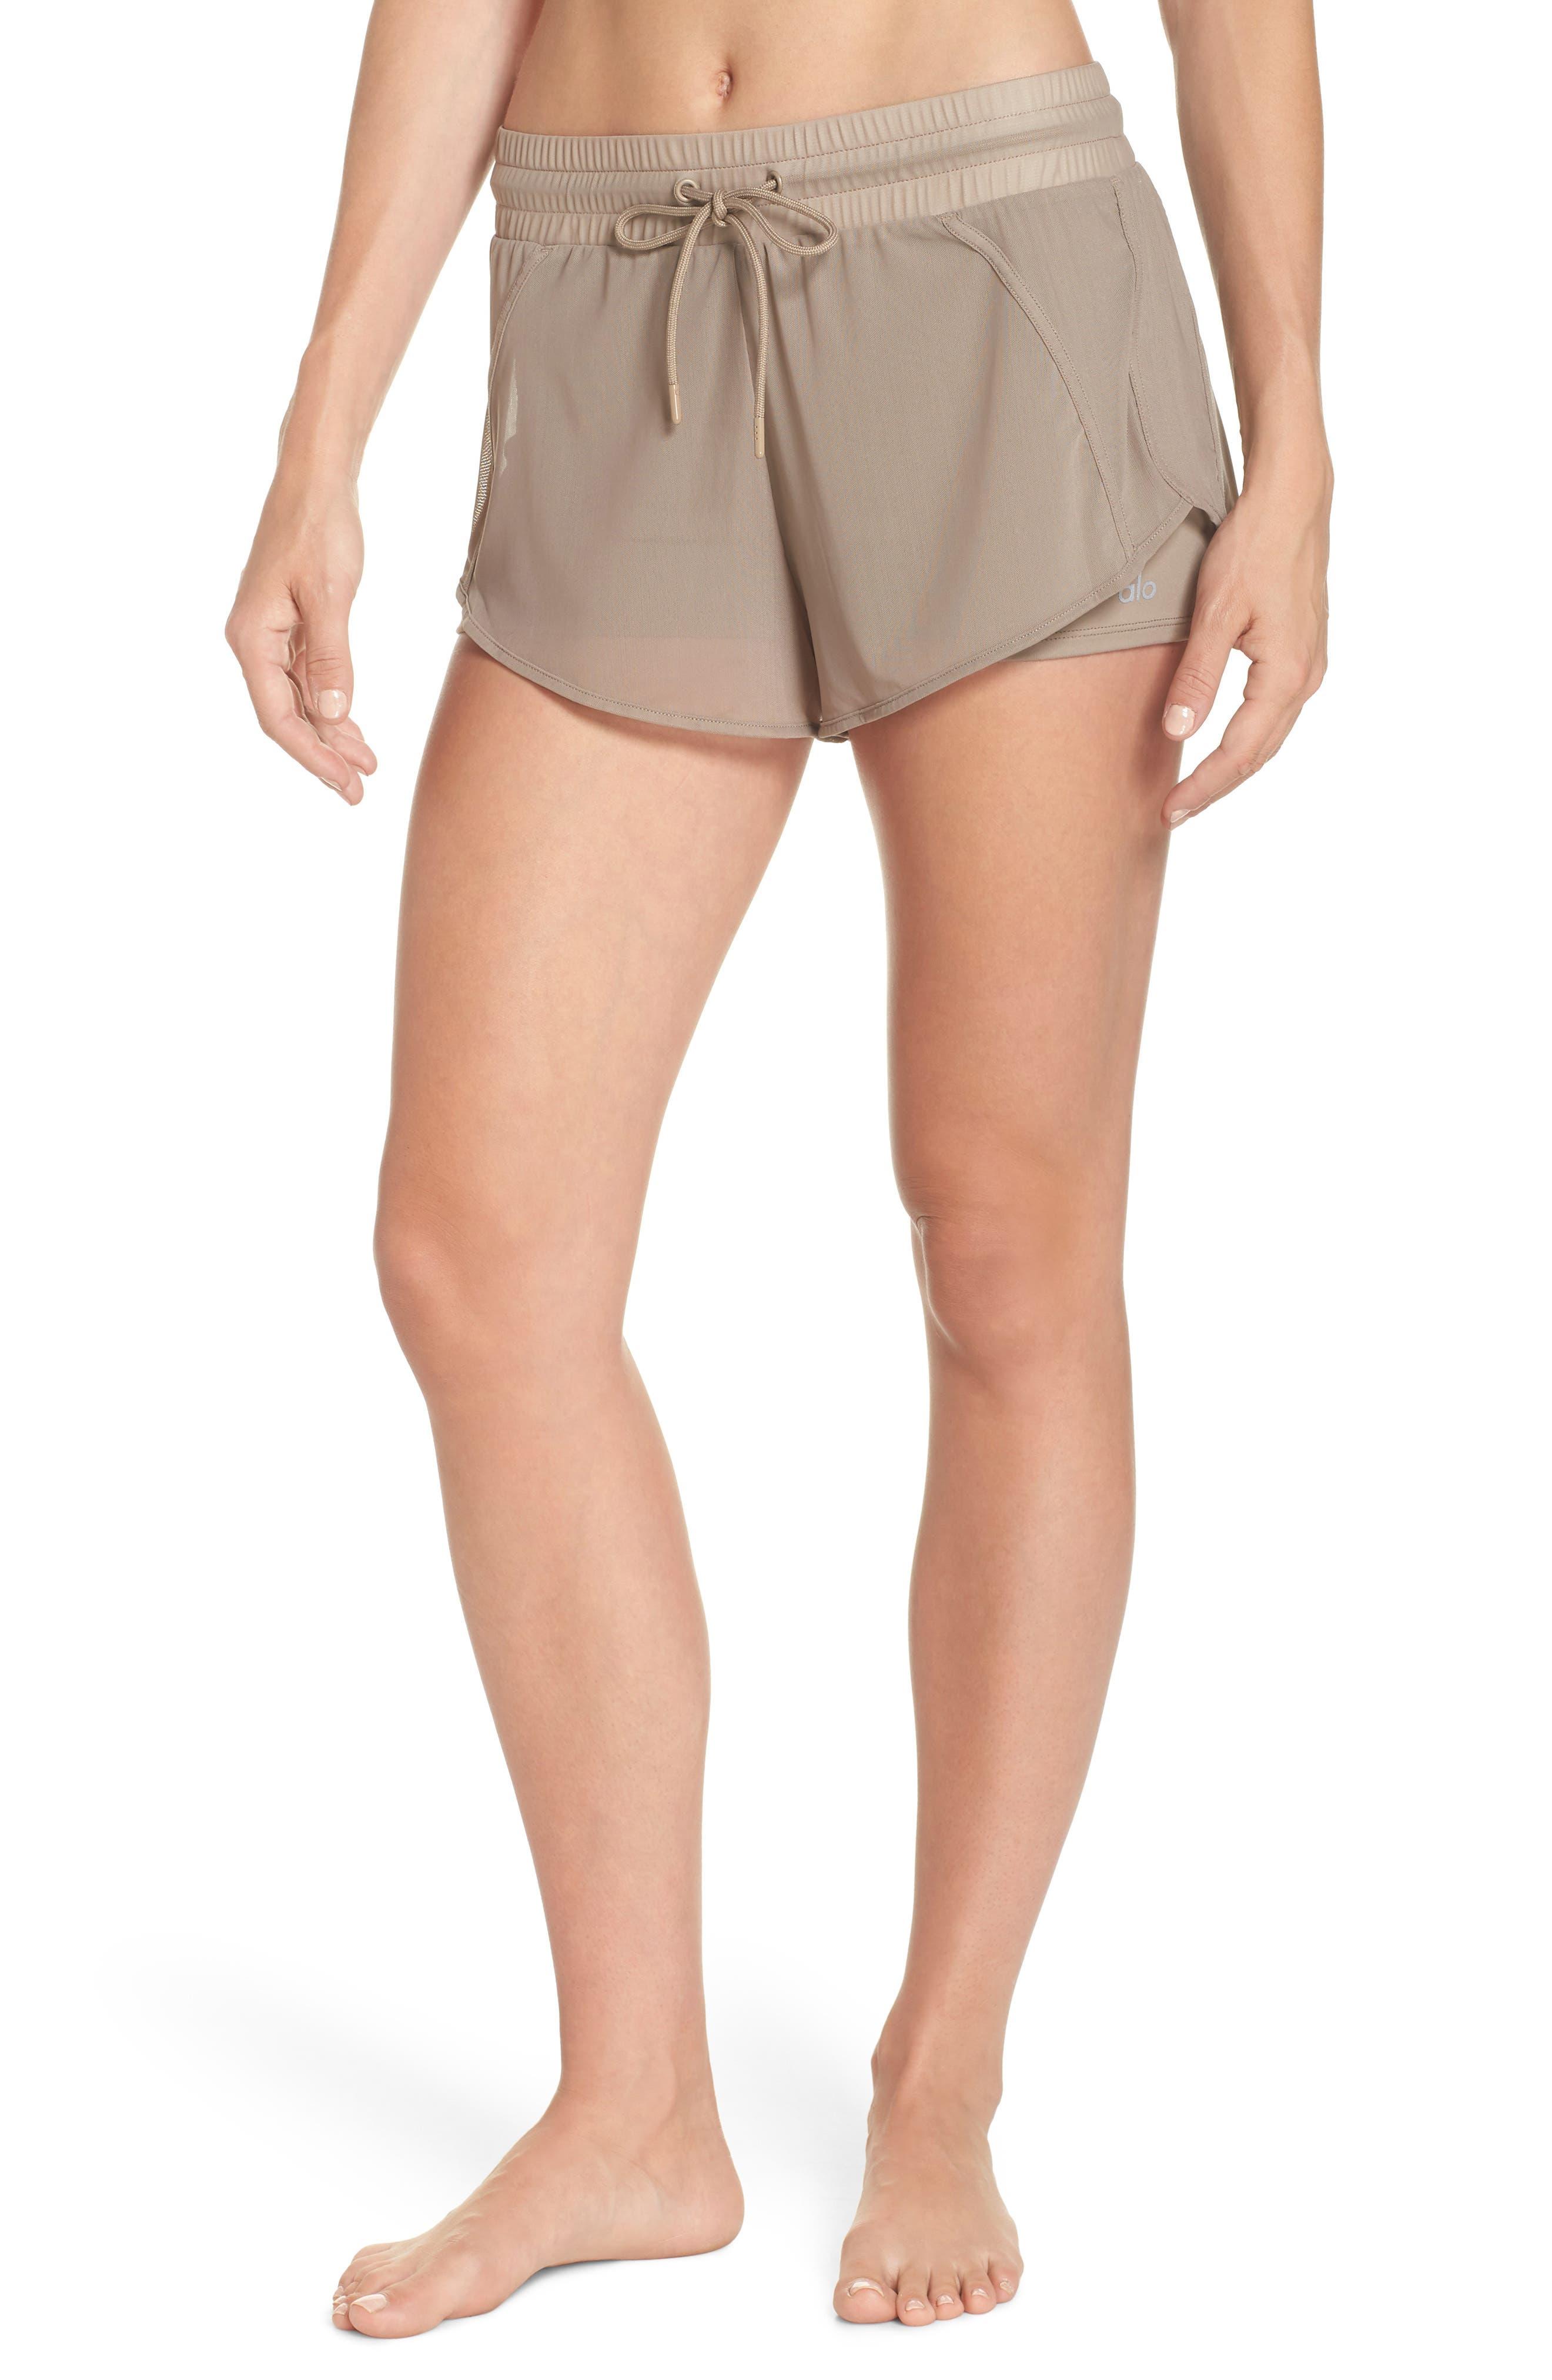 Ambience Shorts,                             Main thumbnail 1, color,                             Gravel